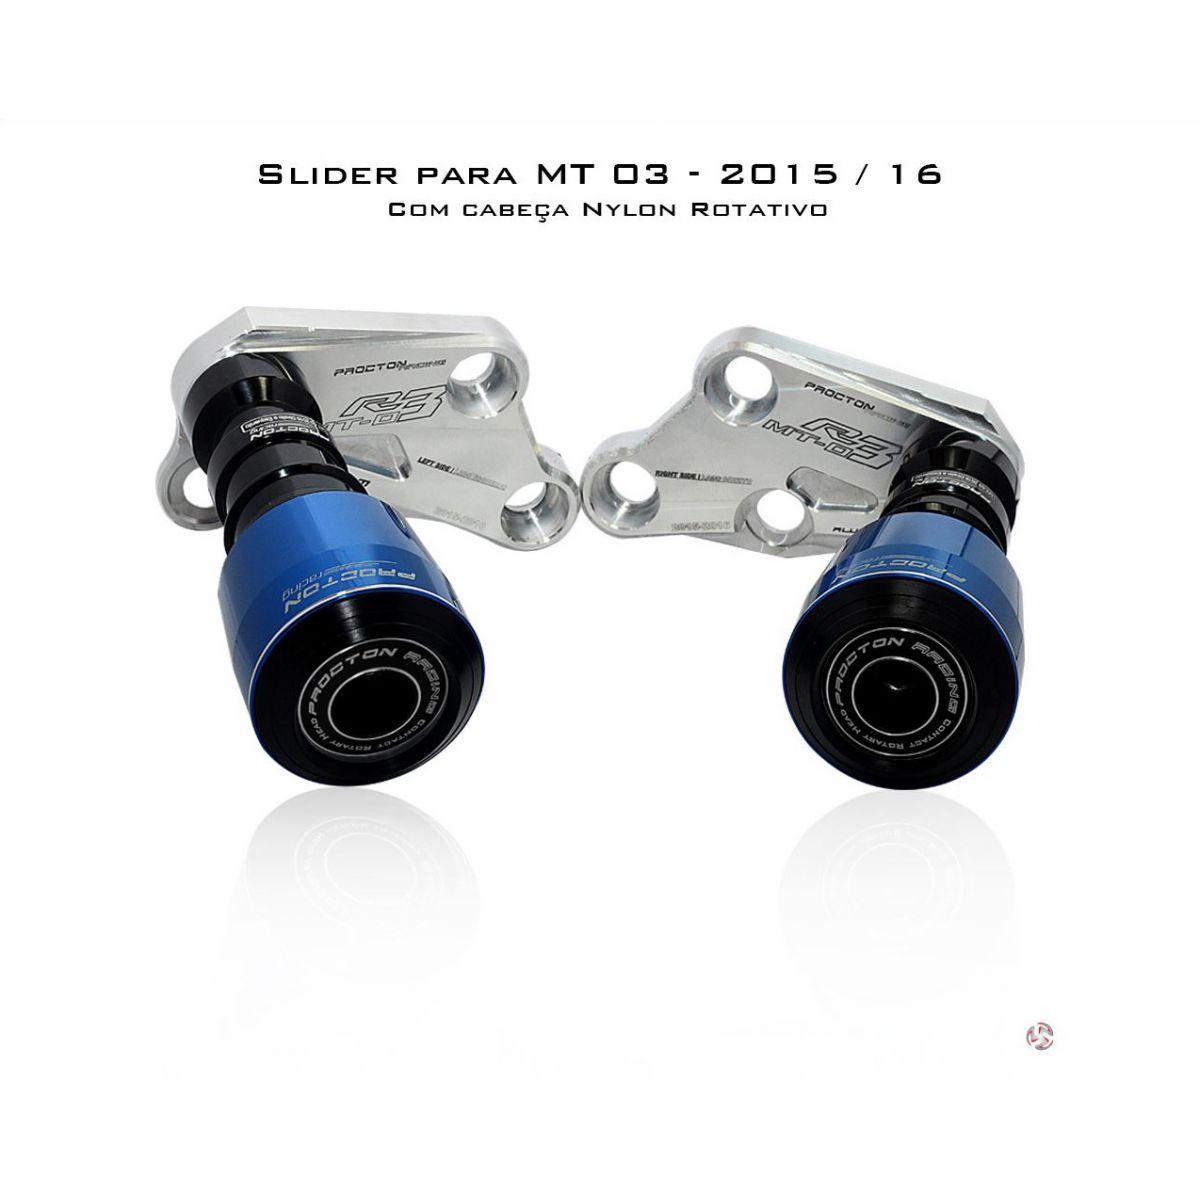 Slider Procton com Amortecimento Yamaha MT03 - 16 (NYLON ROTATIVO)  - Planet Bike Shop Moto Acessórios